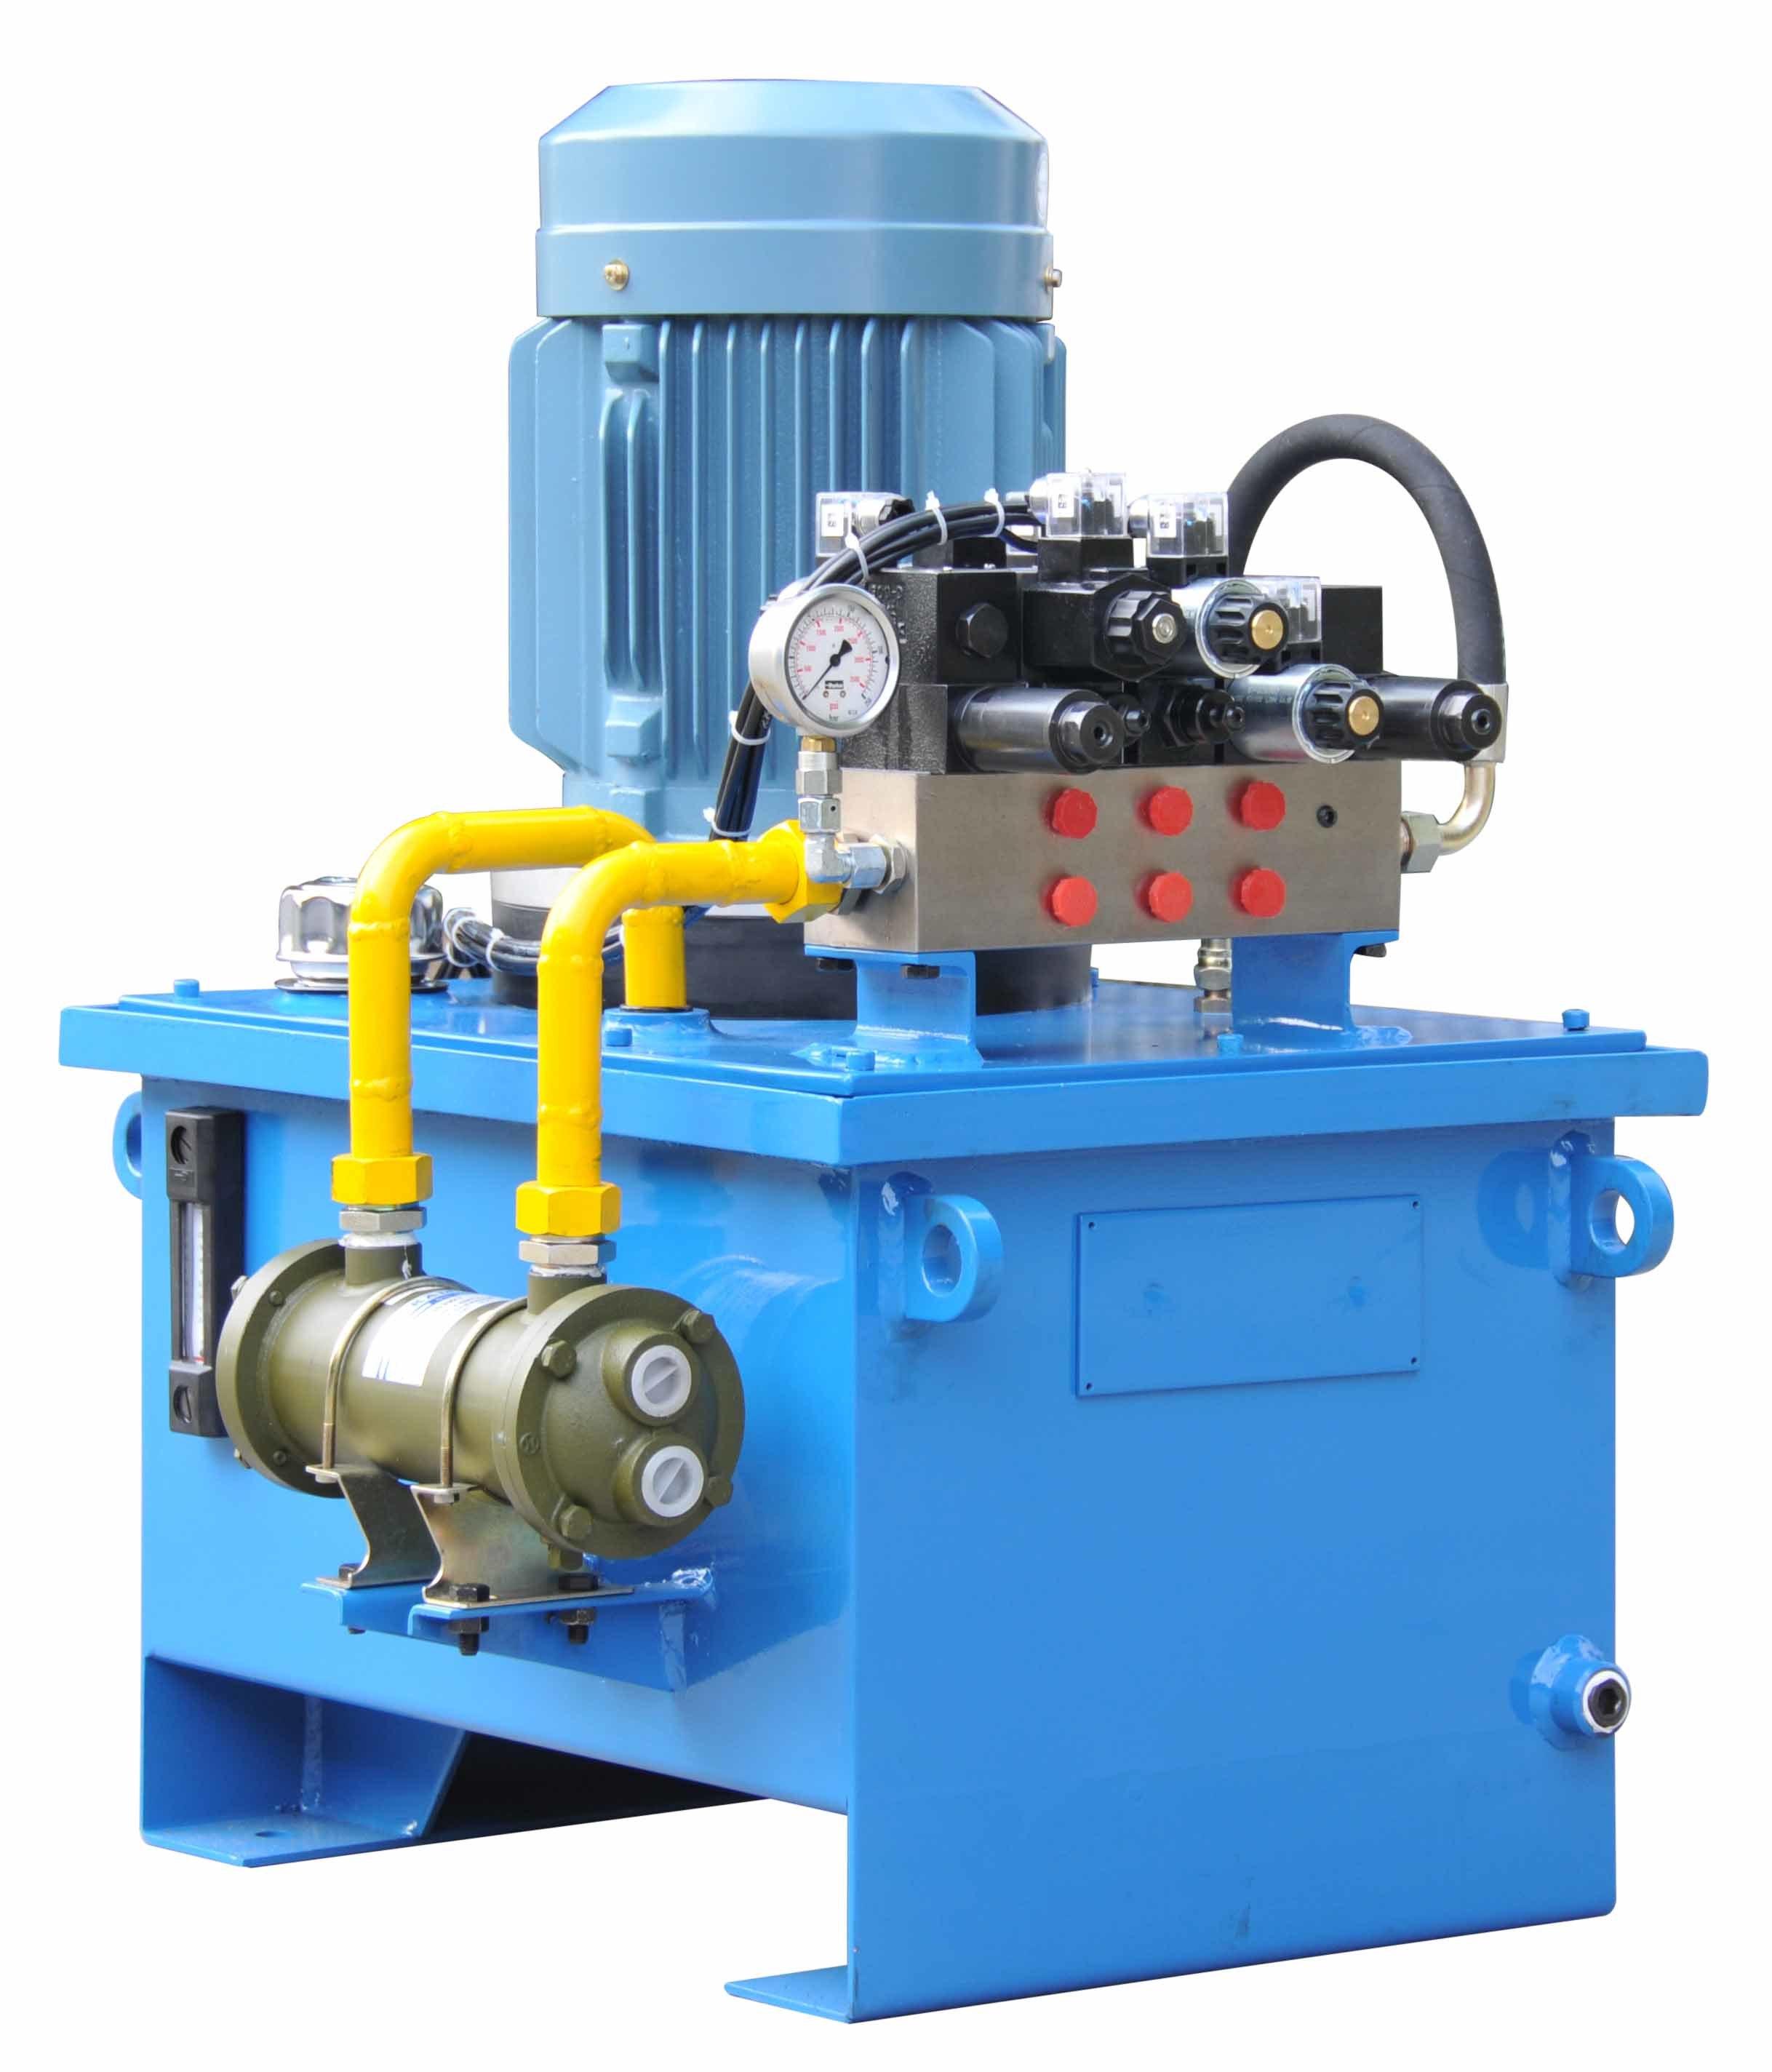 Hydraulic Power Unit for Hydraulic Component